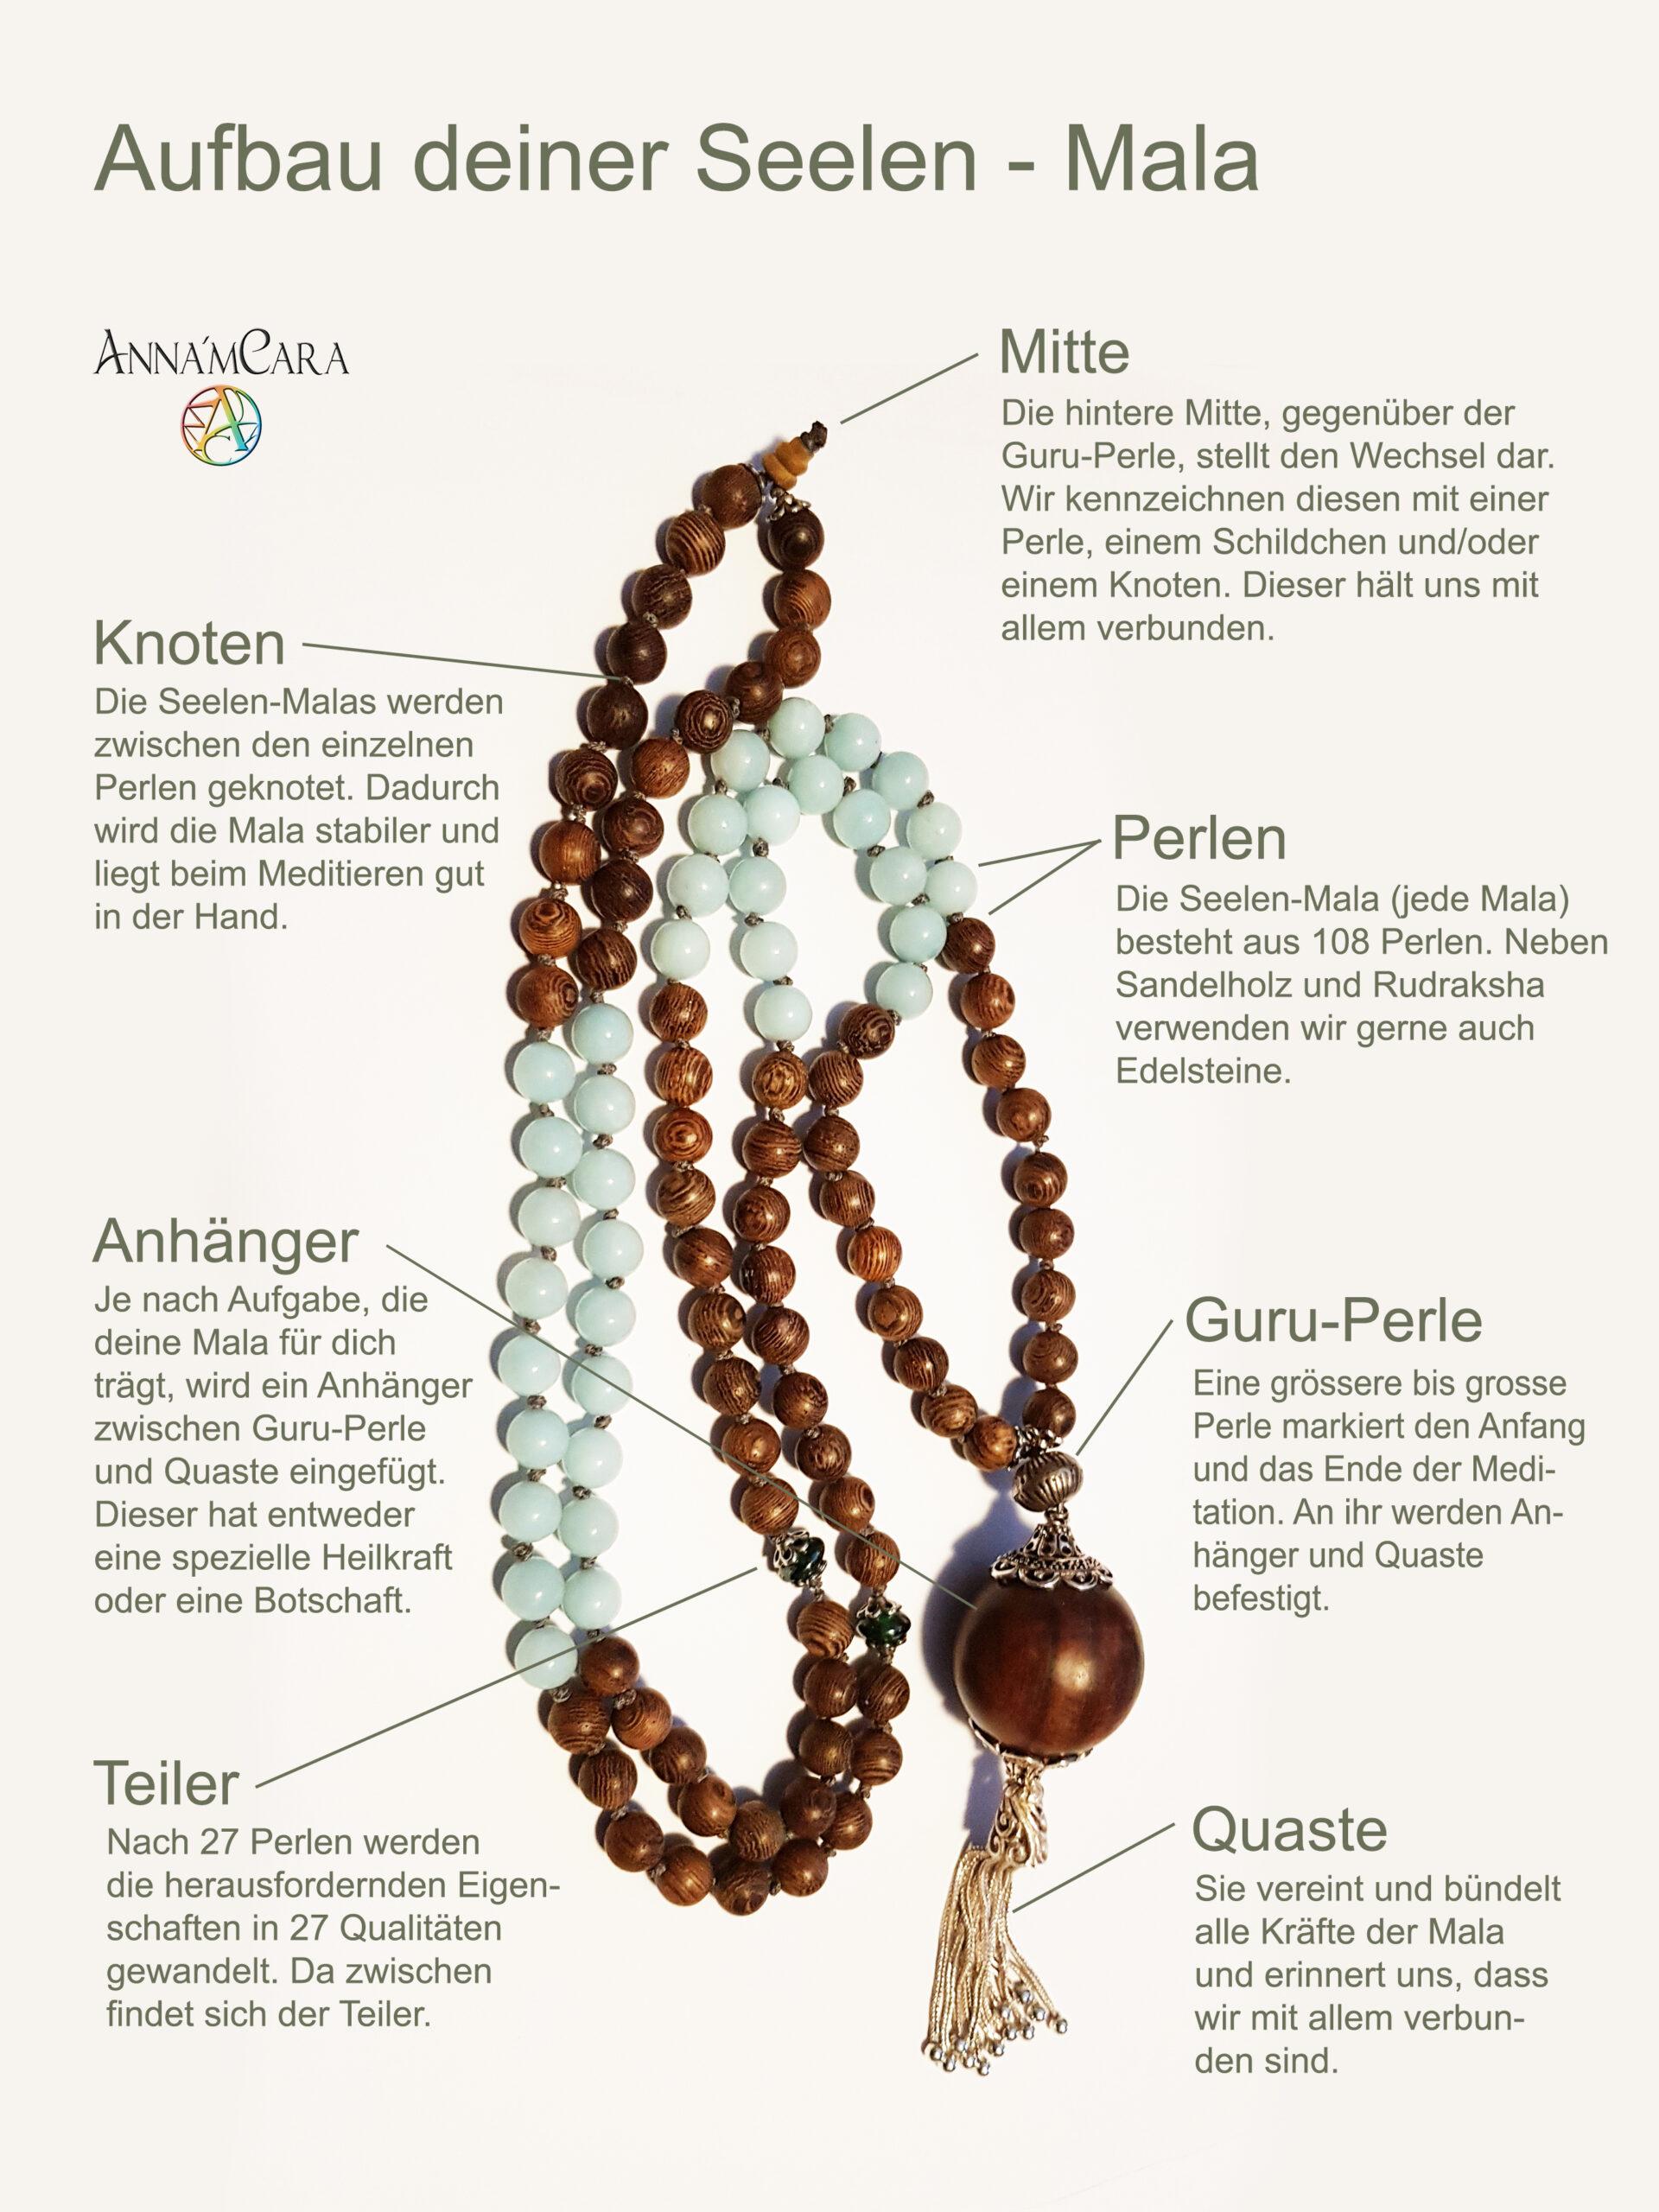 Anna'mCara - Seelenschmuck - Seelenmala - Mala - Perlenkette - Aufbau